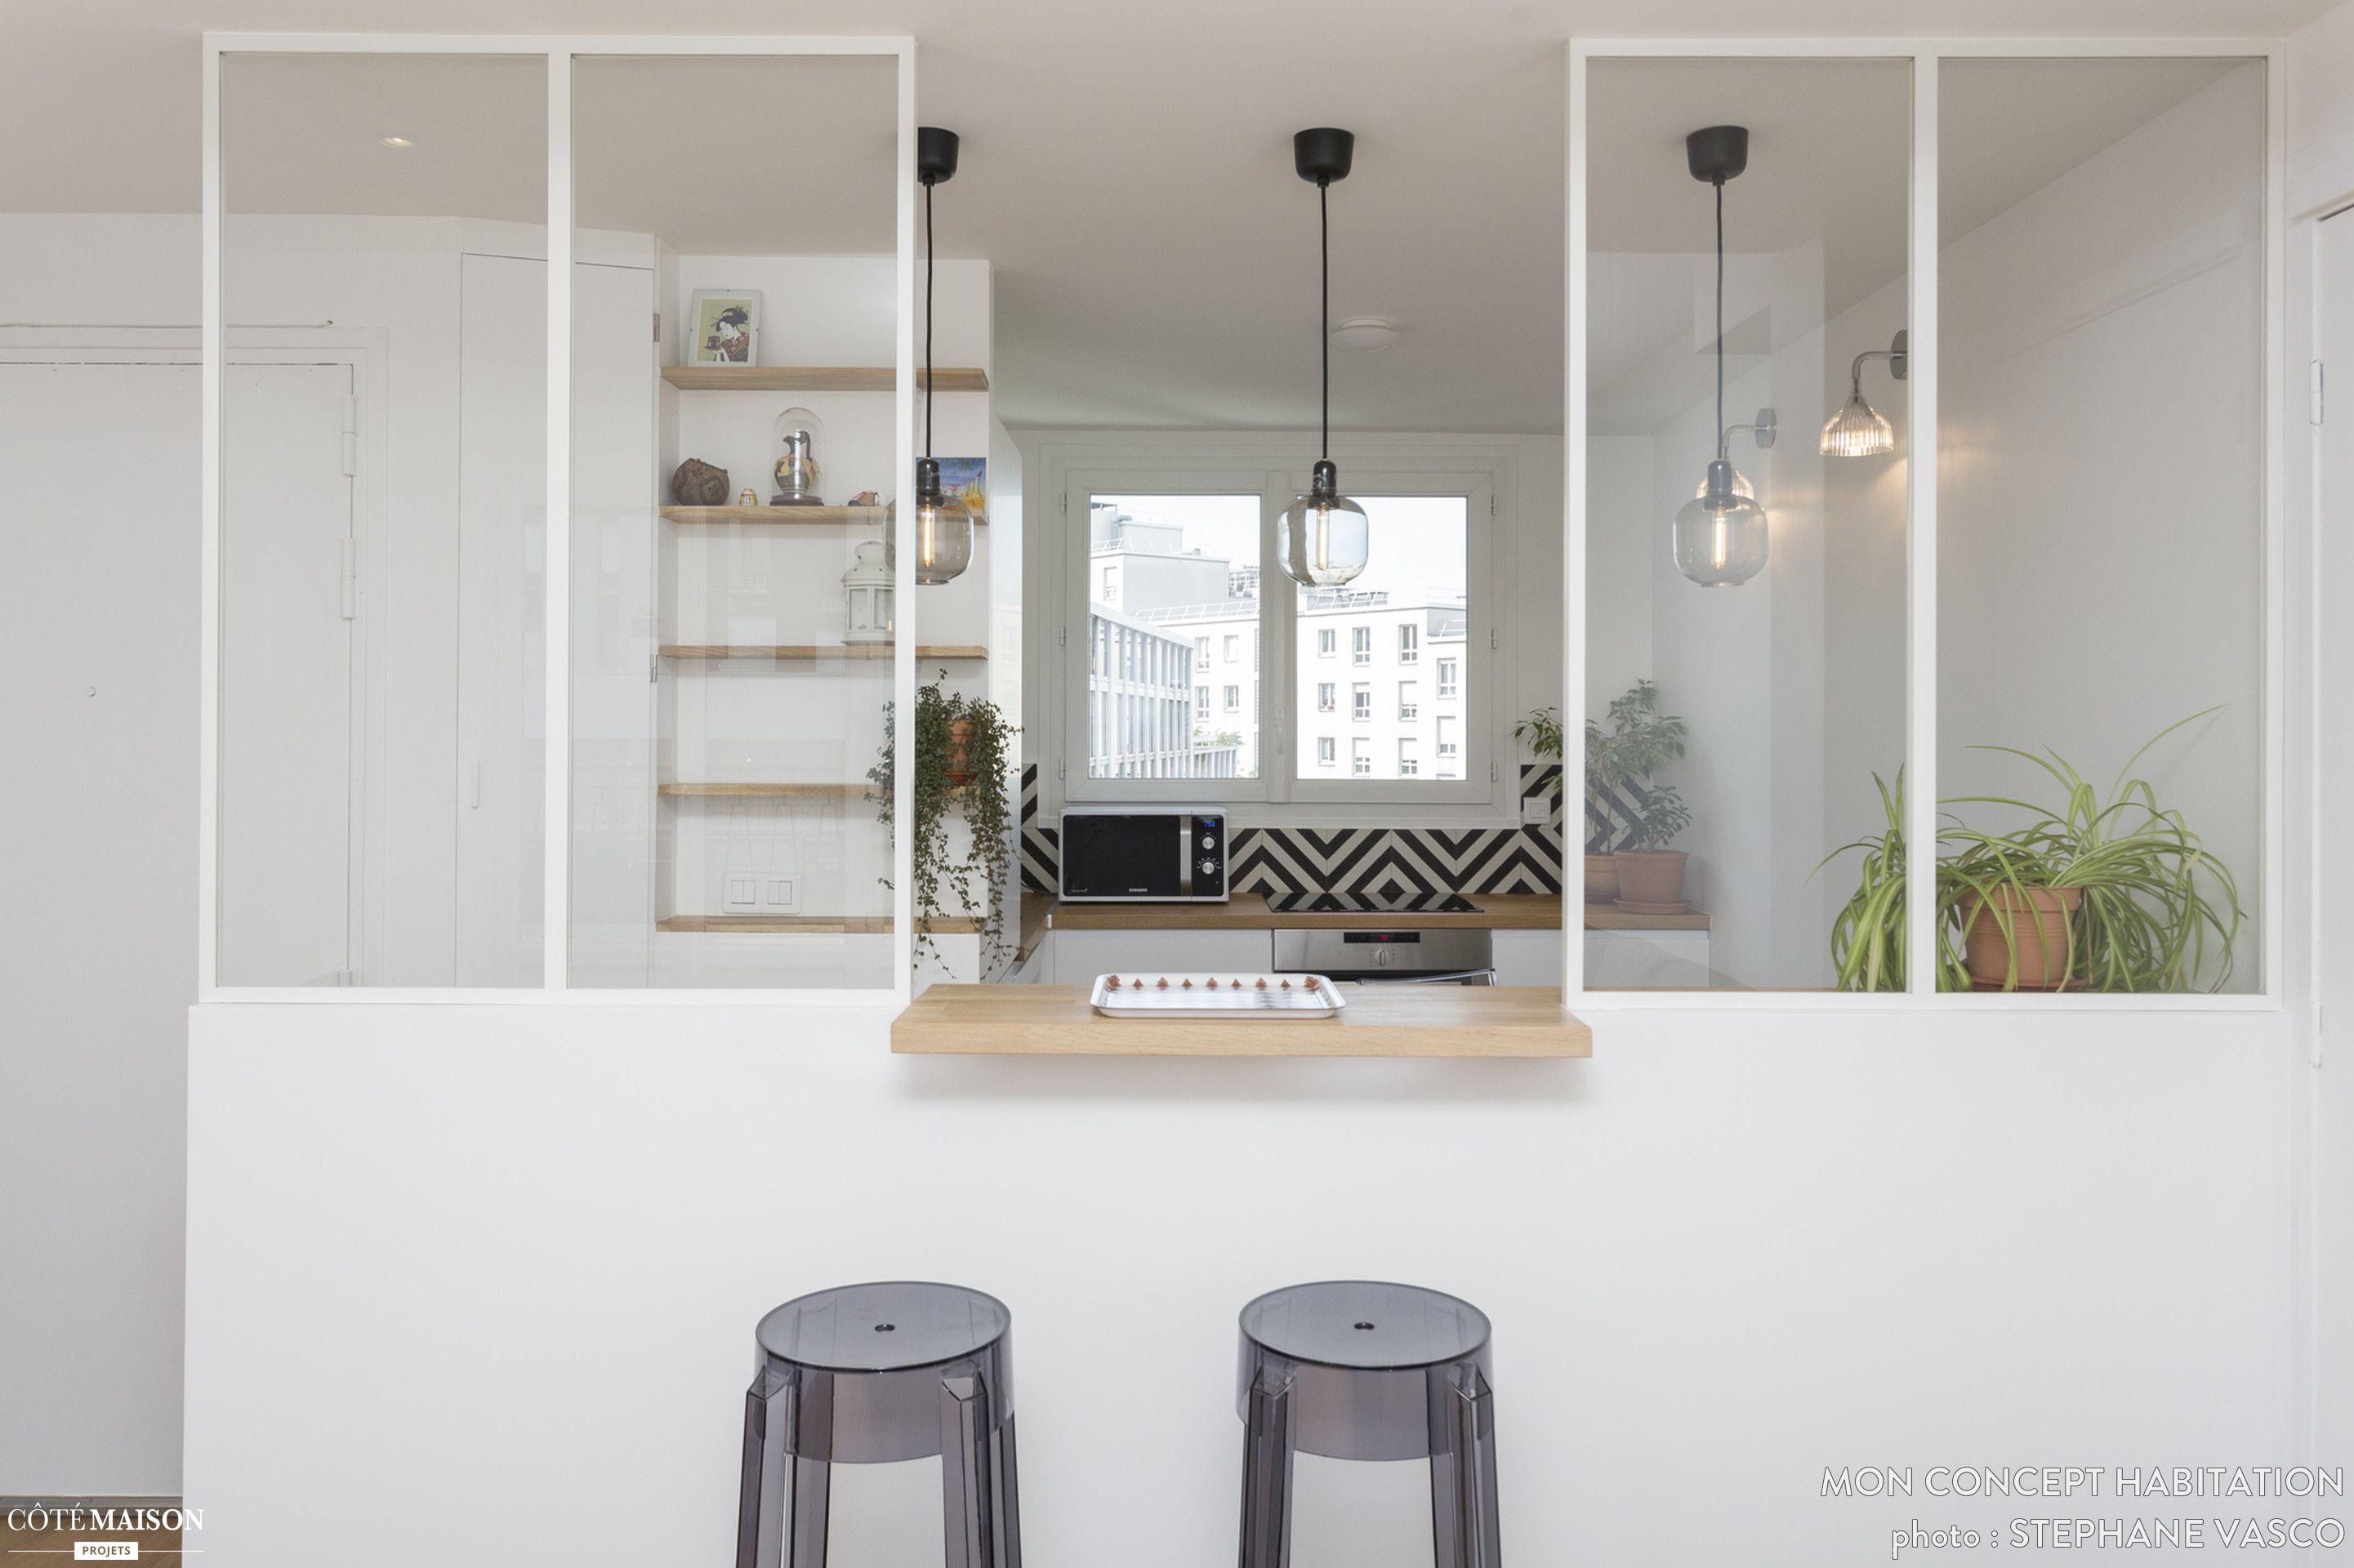 Un Appartement Renove A Paris 19e Mon Concept Habitation Cote Maison Avec Images Appartement Deco Interieure Decoration Interieure